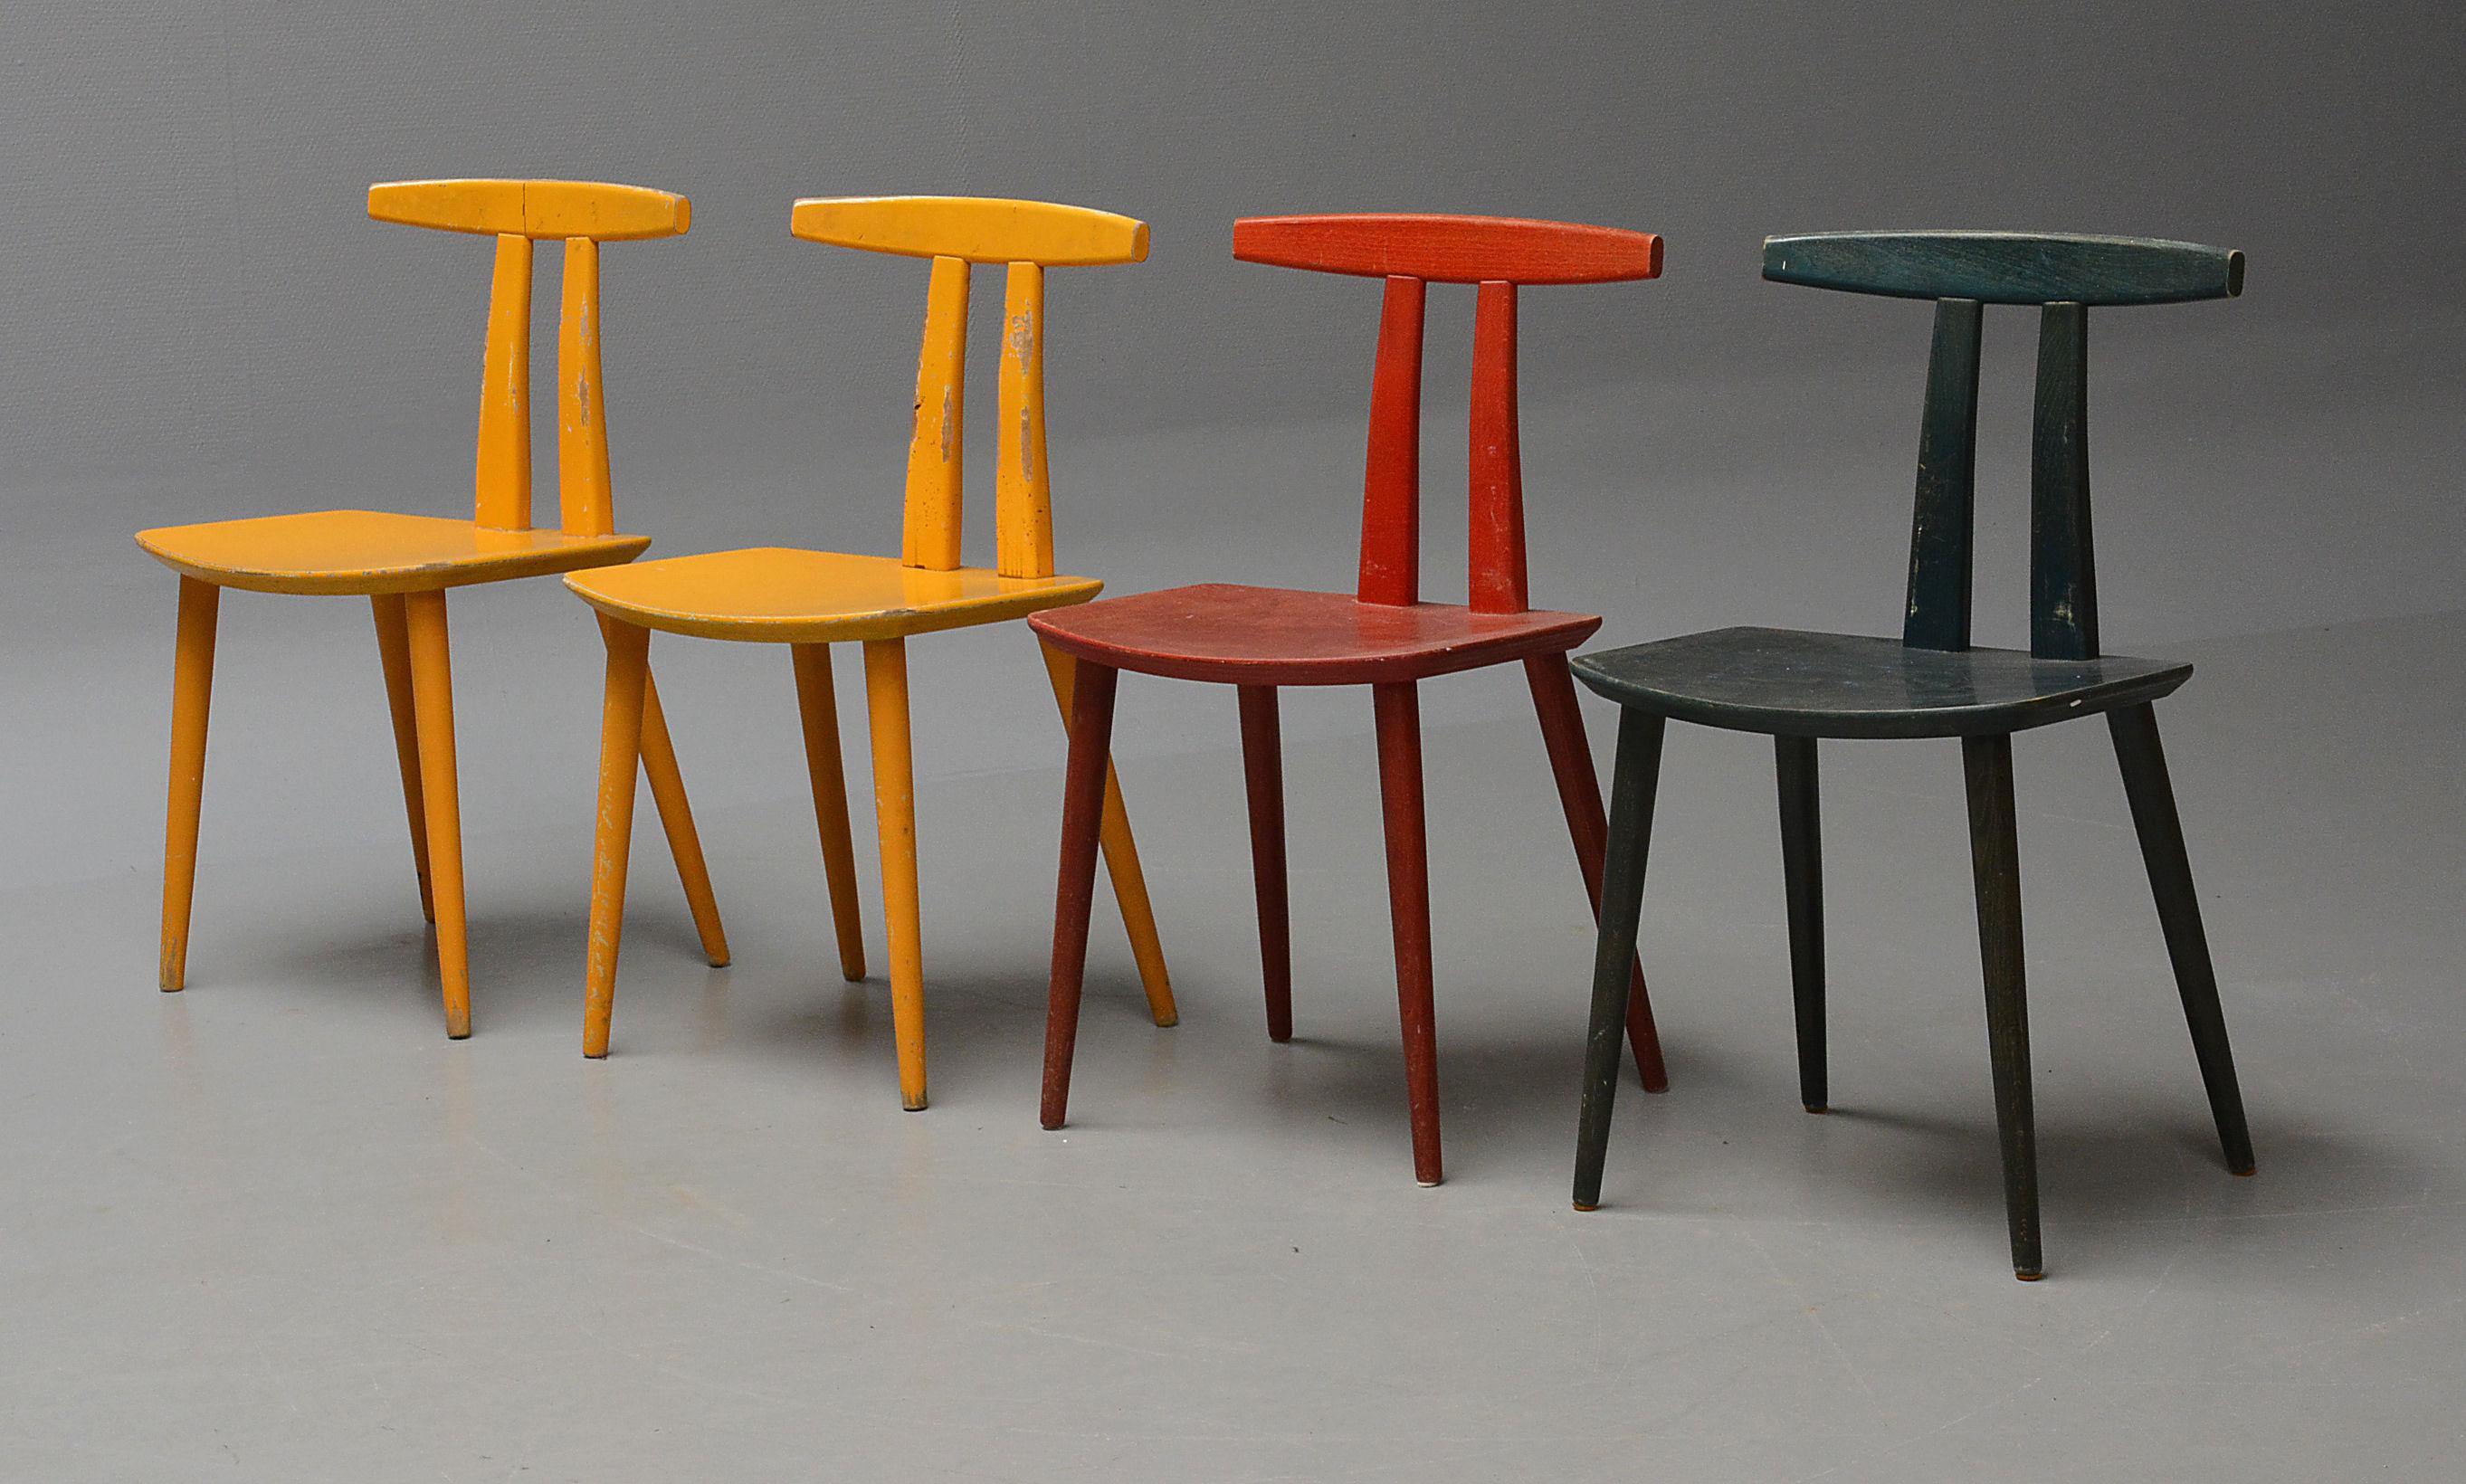 週末に行ける、行っておきたい北欧のデザイン展はこちら!